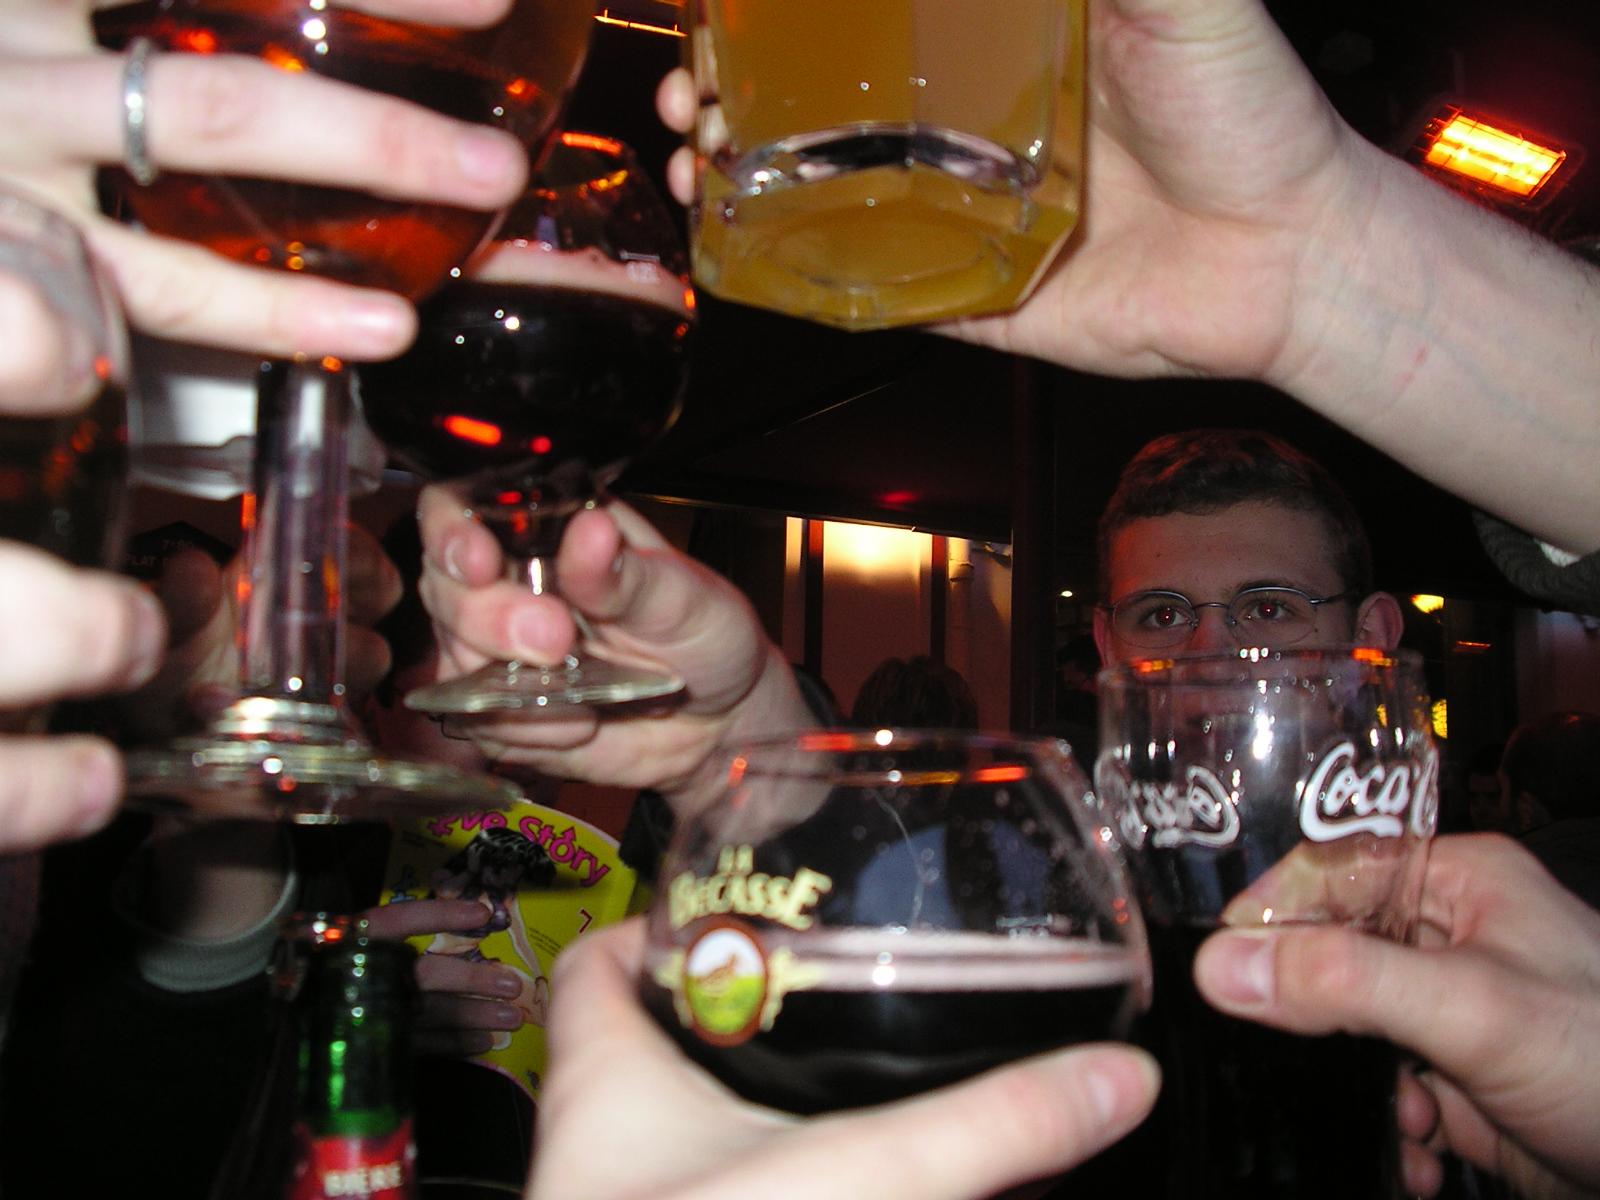 Photo 6 - Santé ! Nous sommes à Lille... alors fêtons cela avec de la bière bien sur !